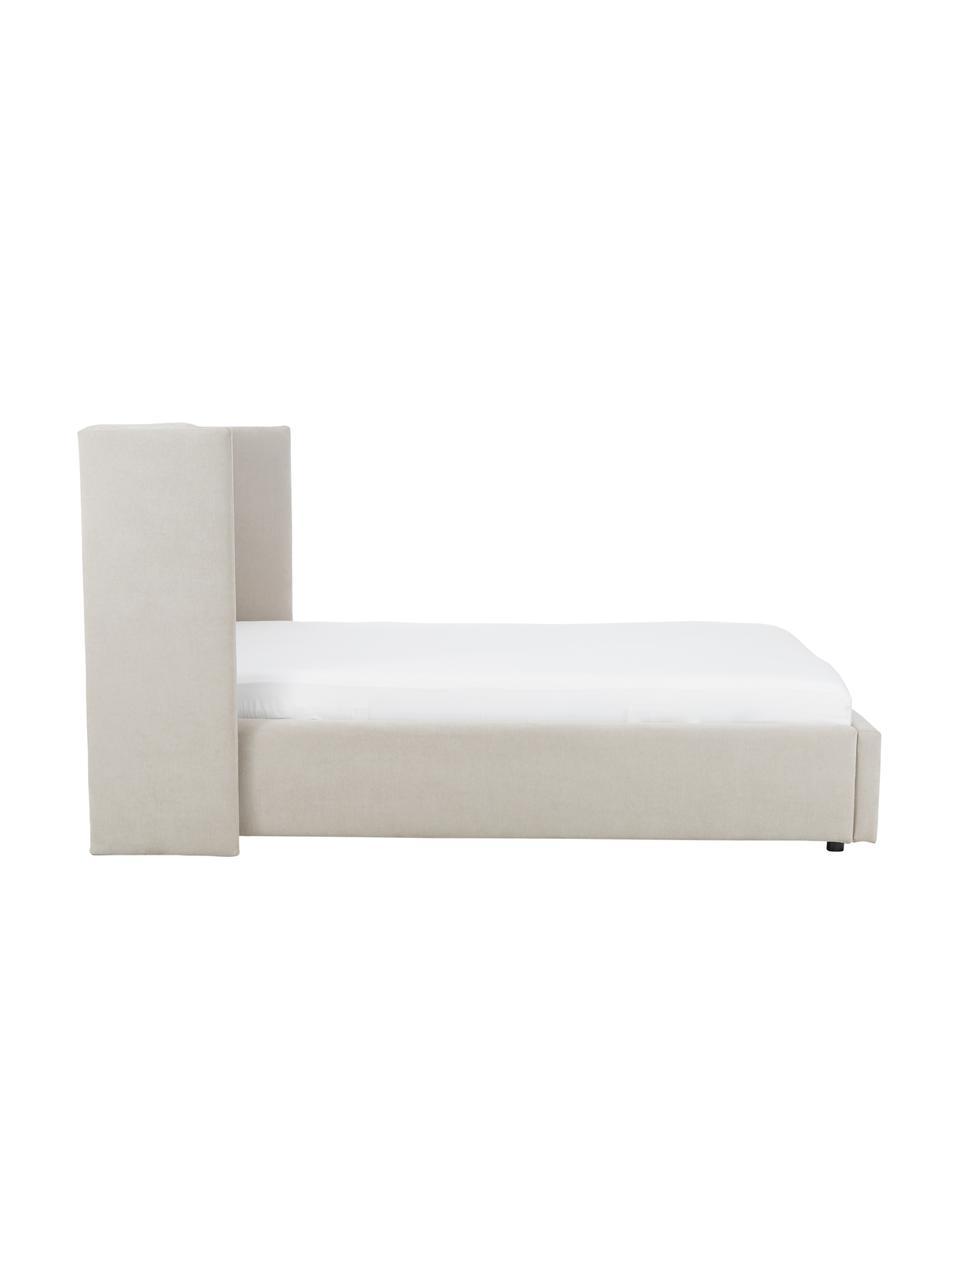 Gestoffeerd bed Star met opbergruimte in beige, Frame: massief grenenhout en pla, Bekleding: polyester (gestructureerd, Geweven stof beige, 180 x 200 cm